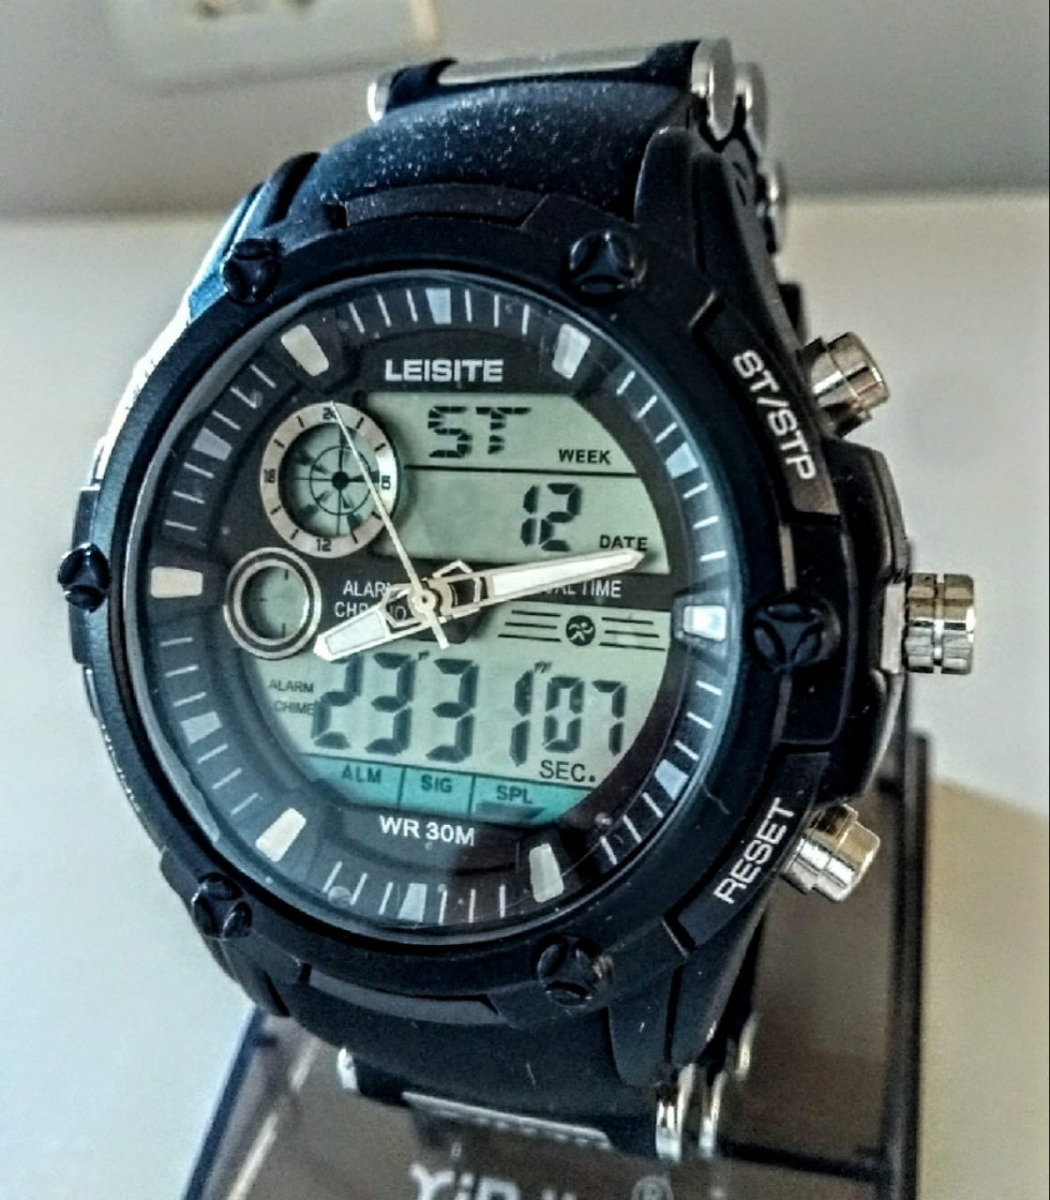 c3b44937007 relógio masculino leisite grande militar prova dágua barato. Carregando  zoom.